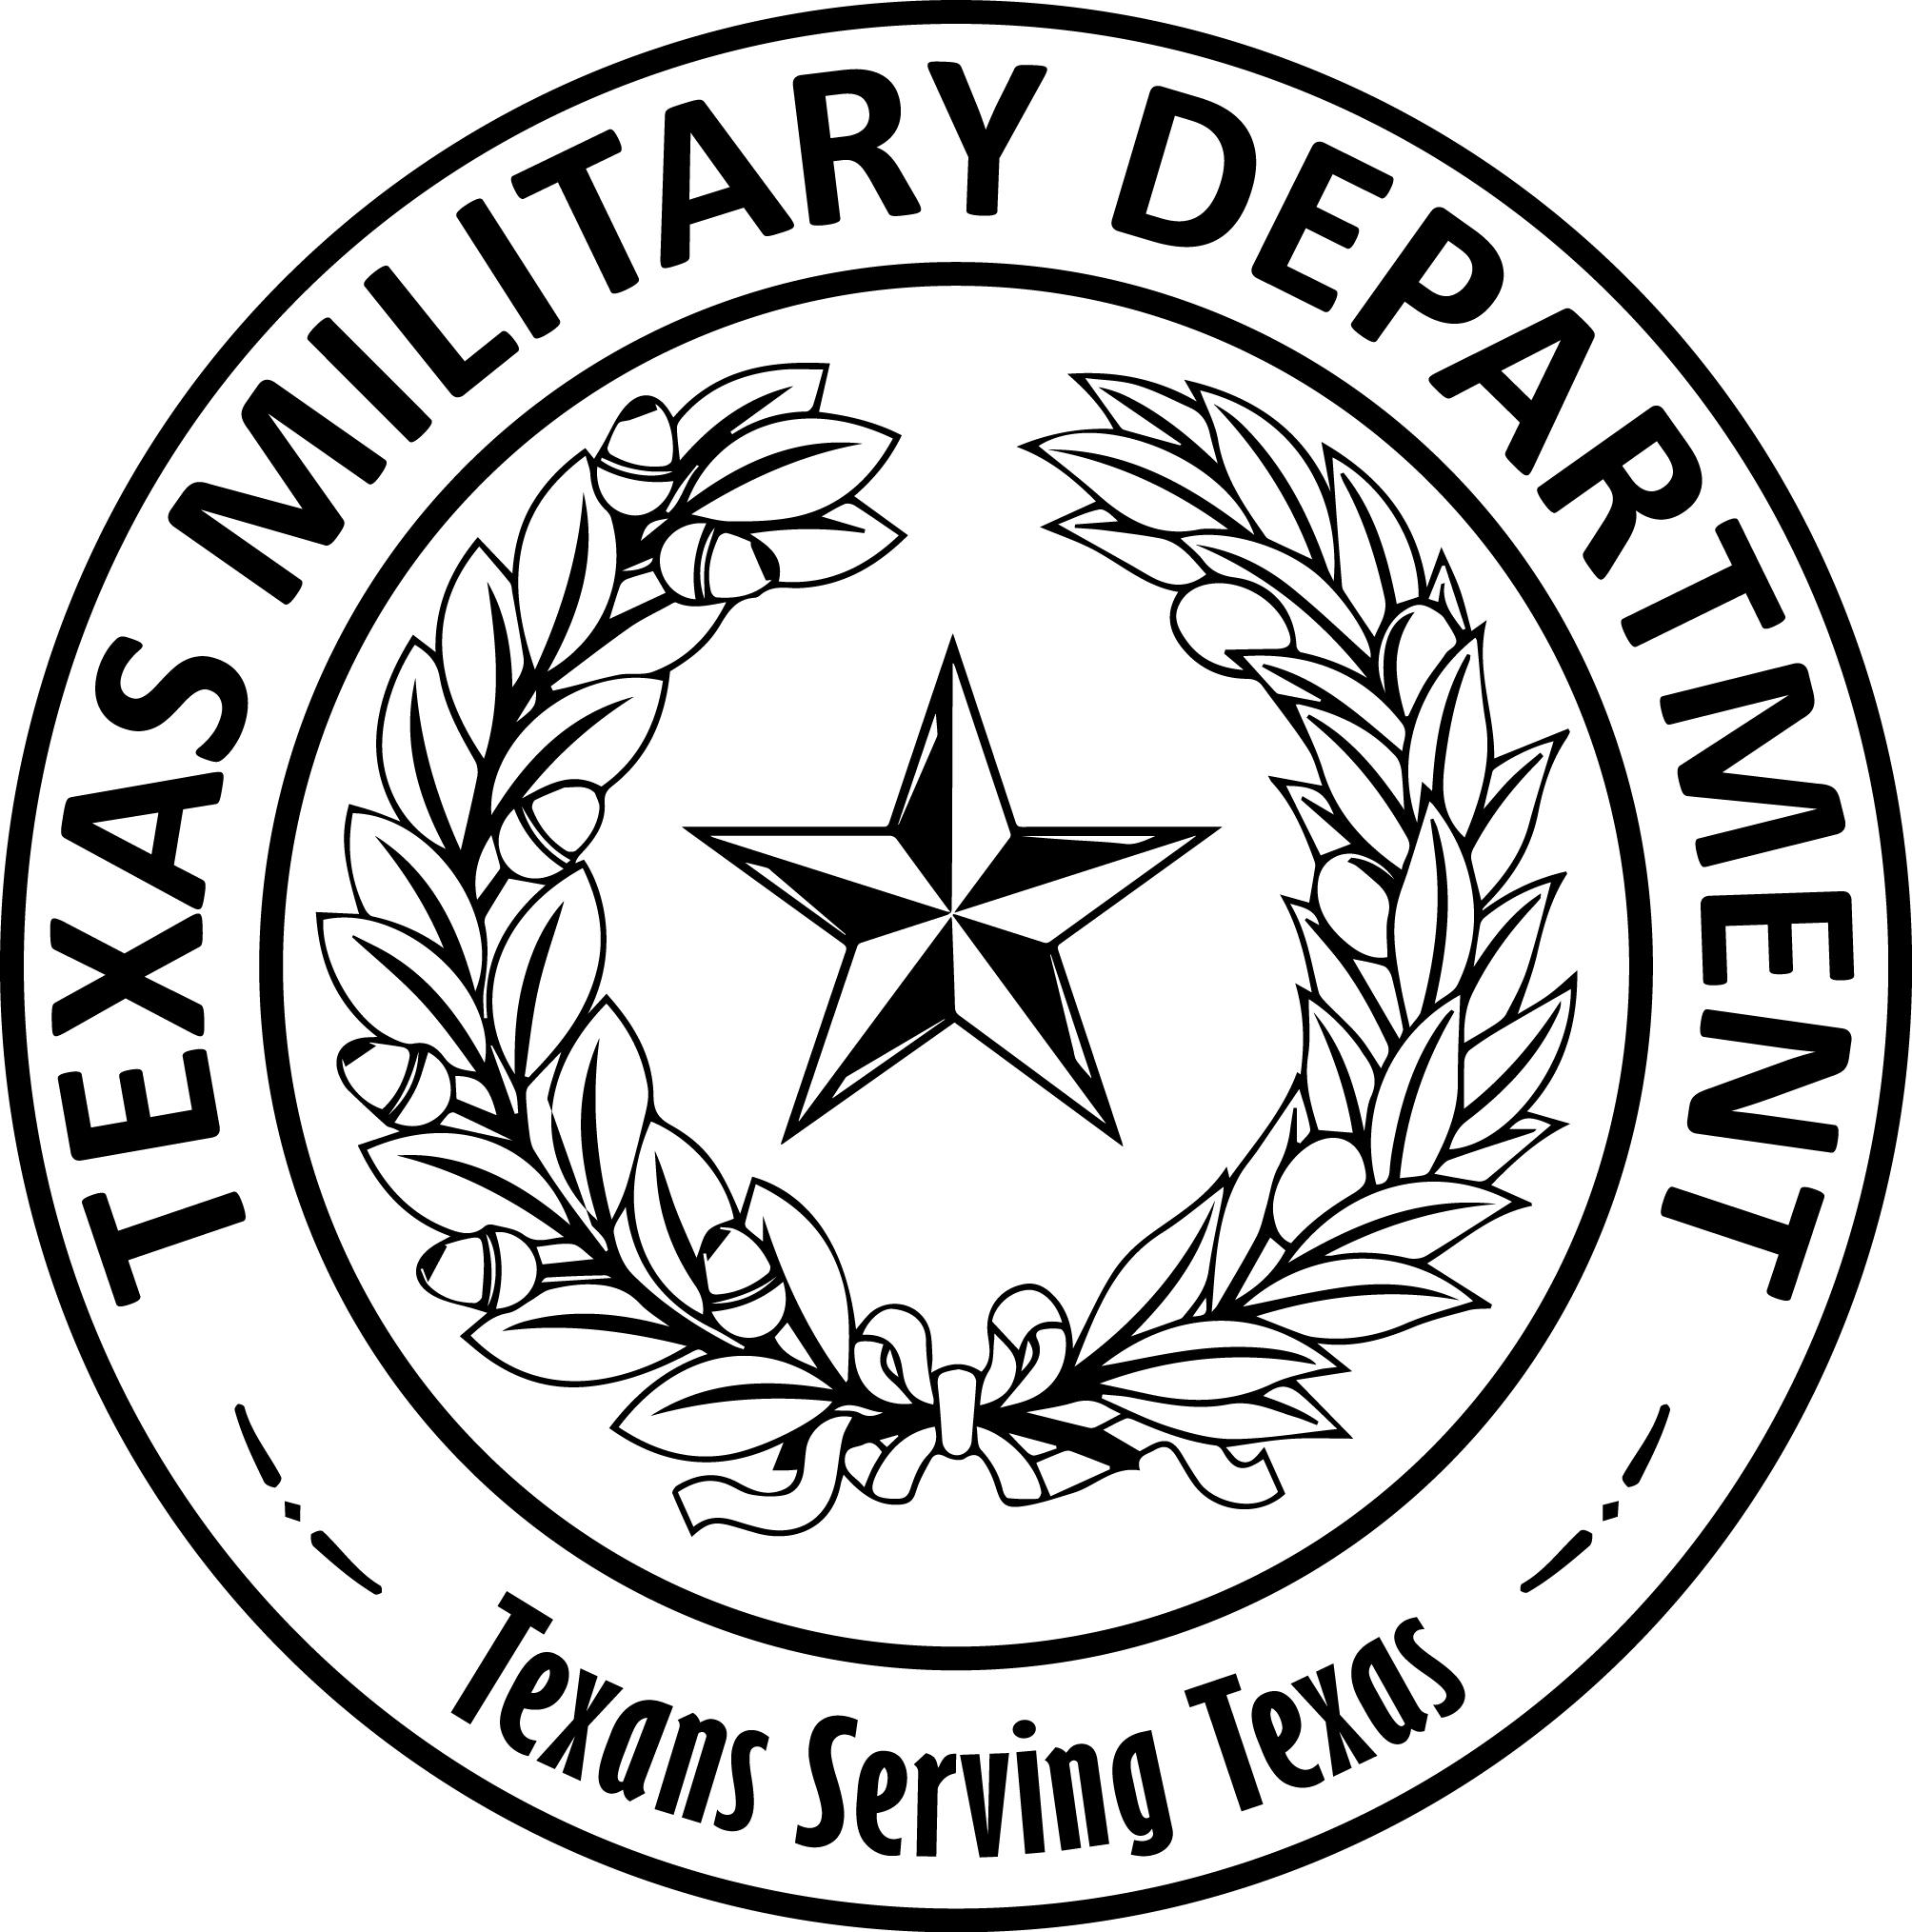 Penjelasan Tentang Sejarah Departemen Keamanan Publik Texas